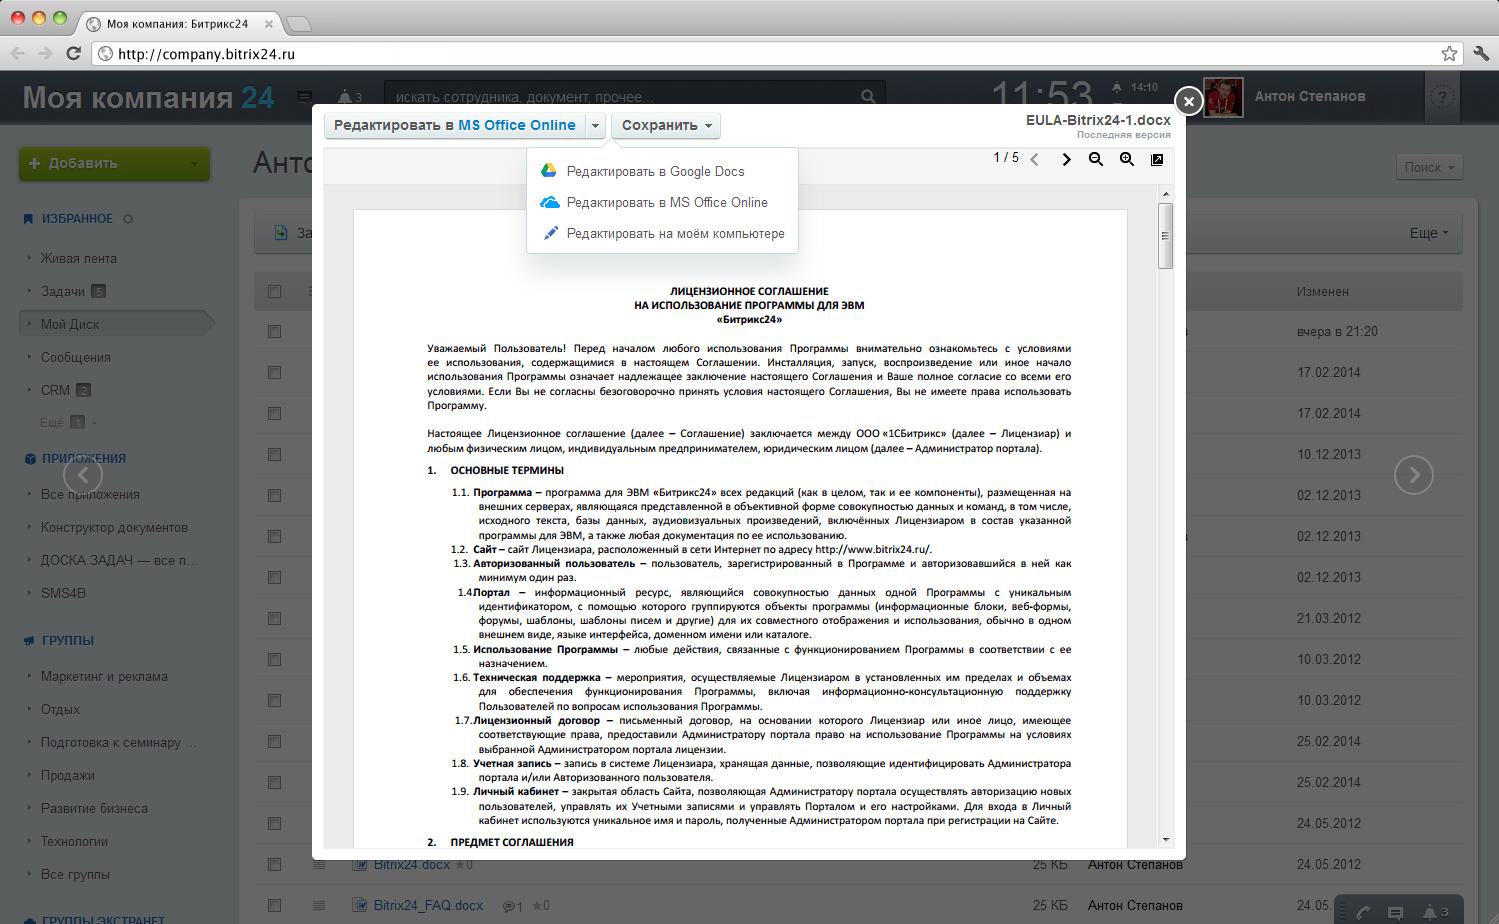 Работа с документами онлайн